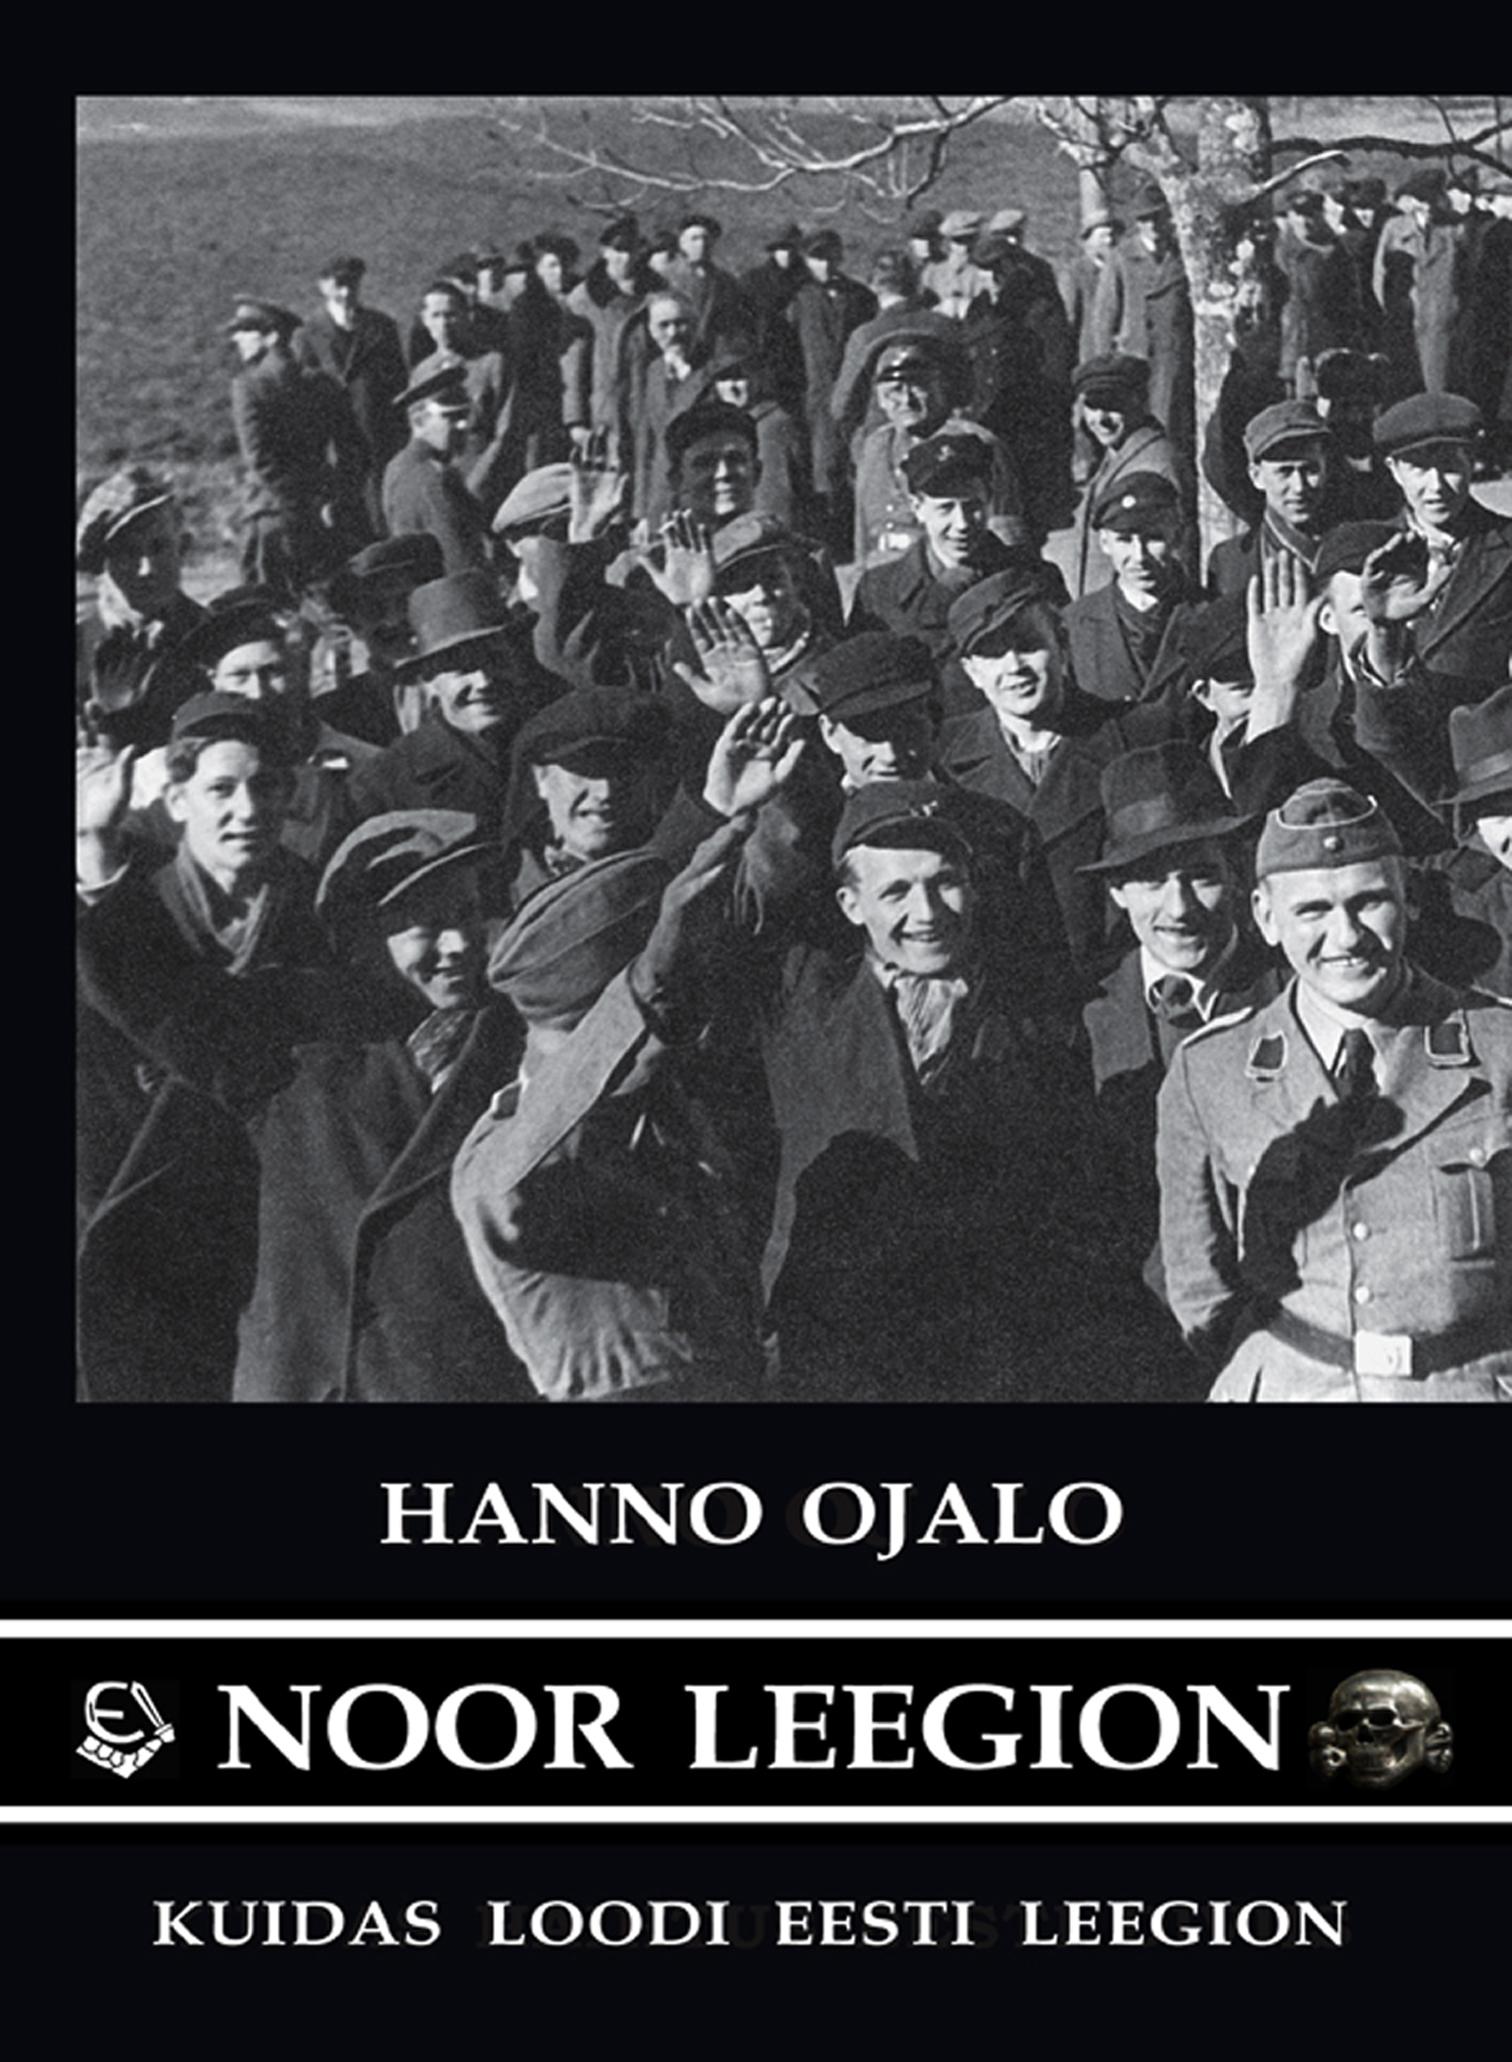 Noor leegion. kuidas loodi eesti leegion